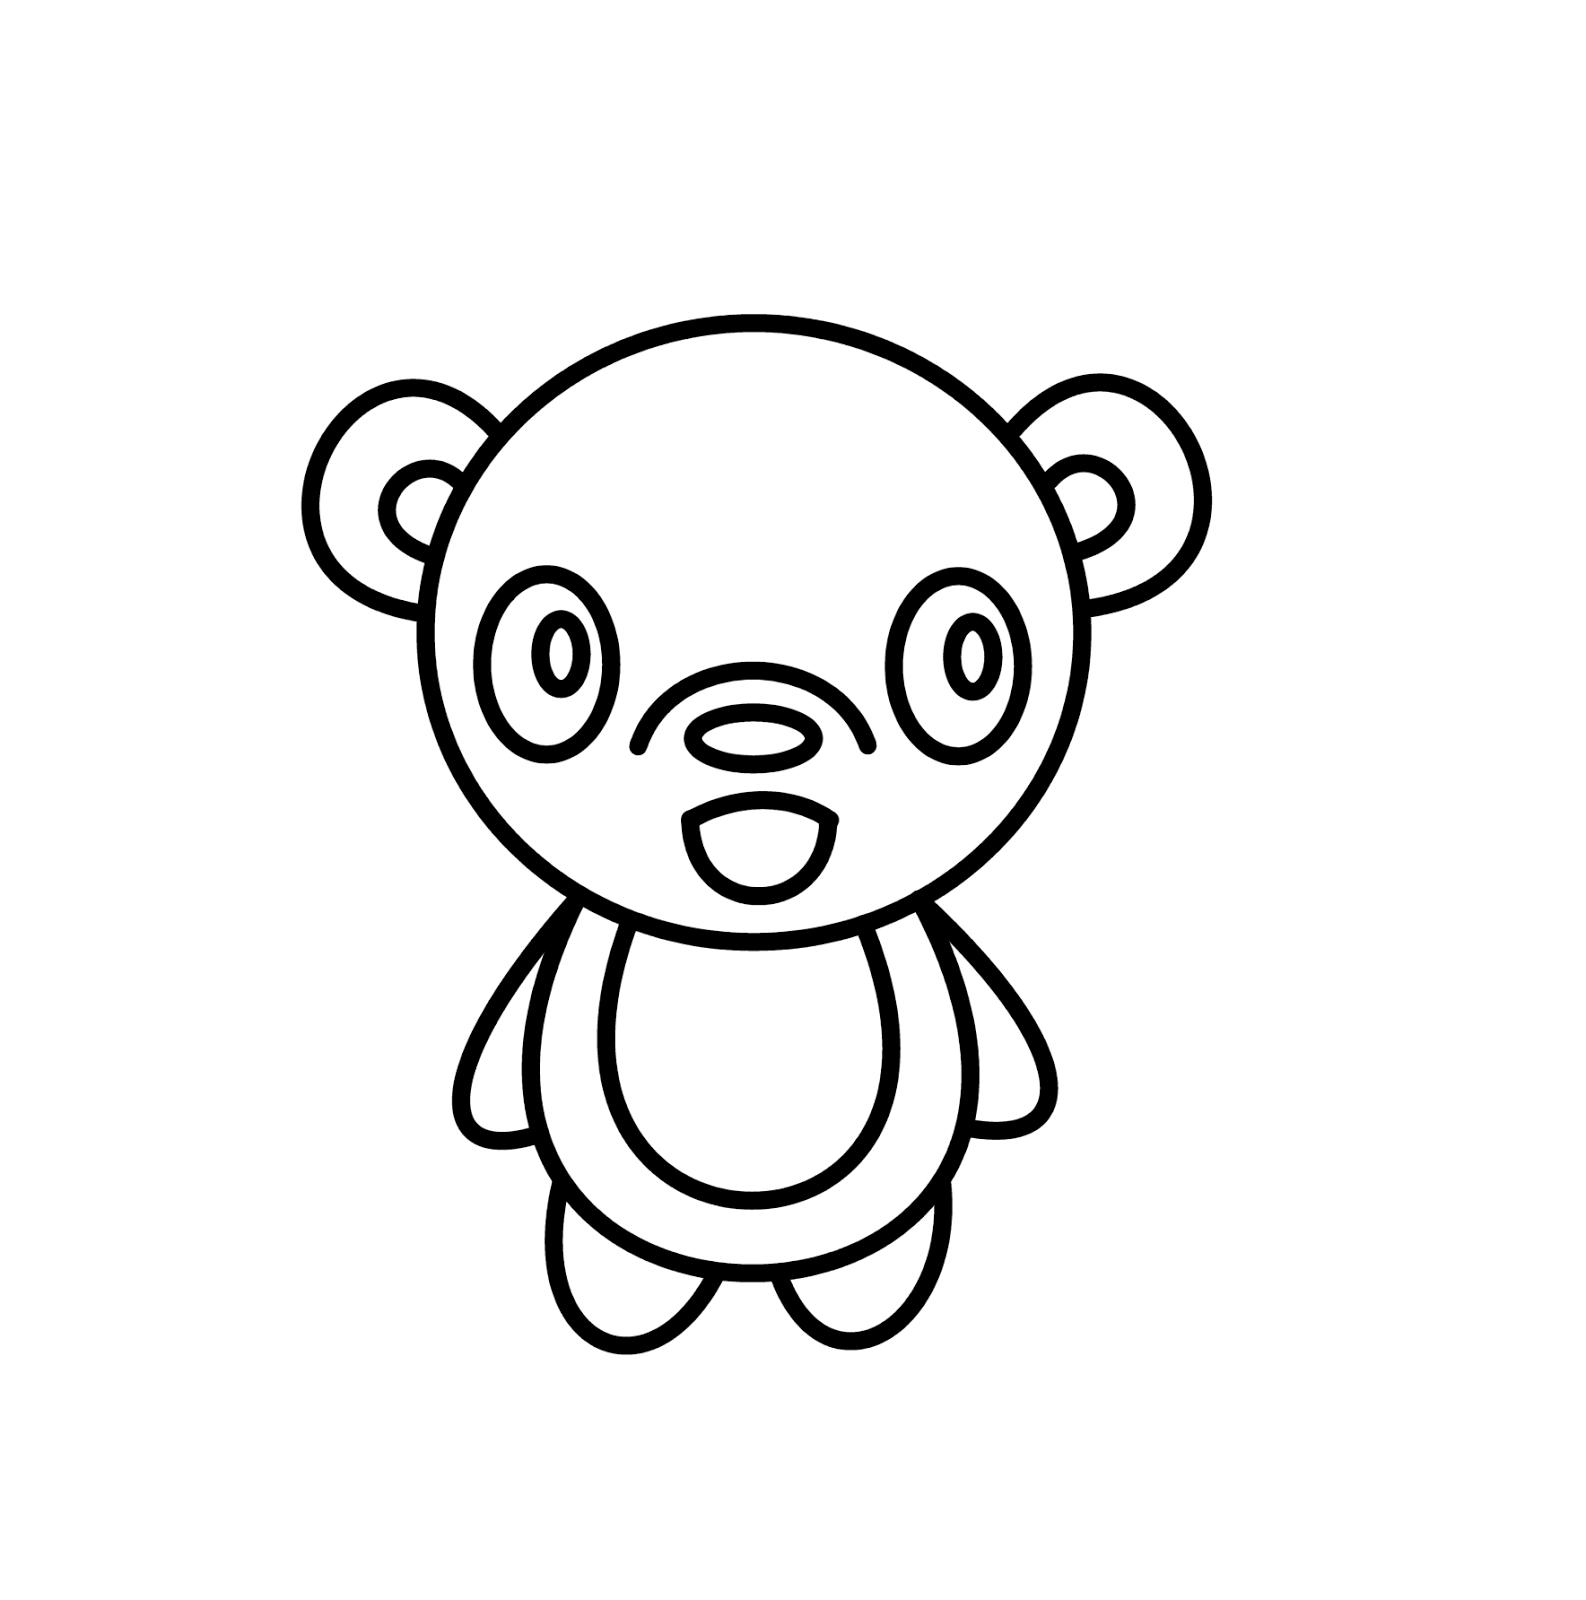 How To Draw Cartoons Panda